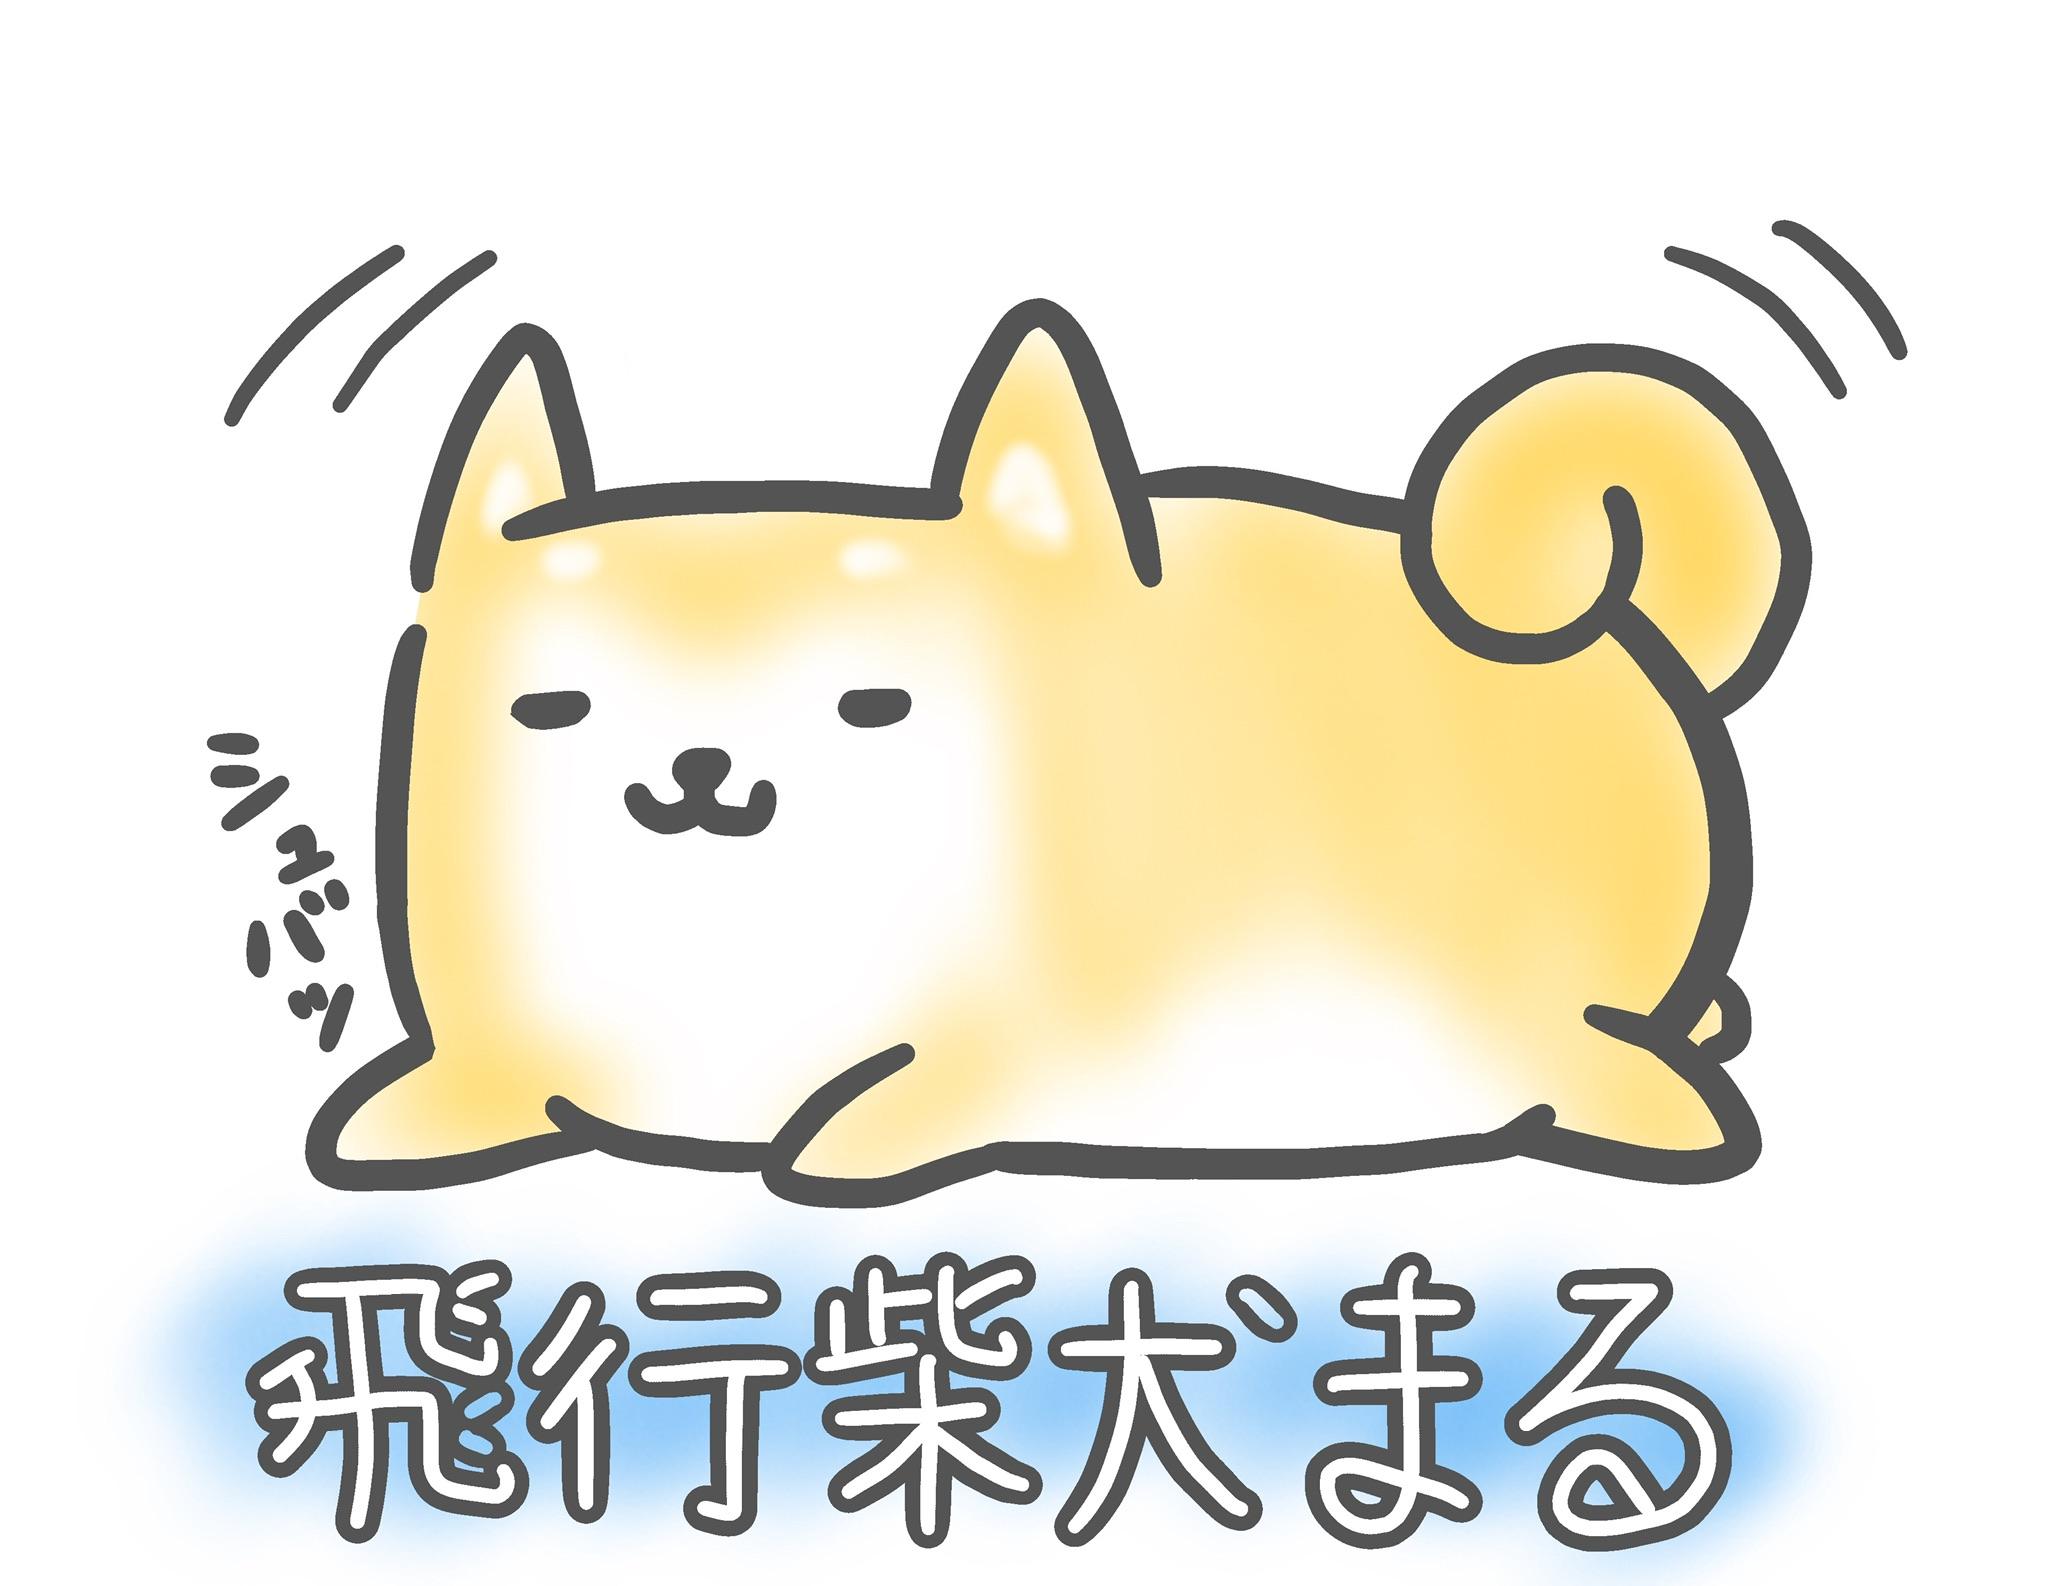 柴犬まるのyoutube動画4選とテレビ出演について語ってみる